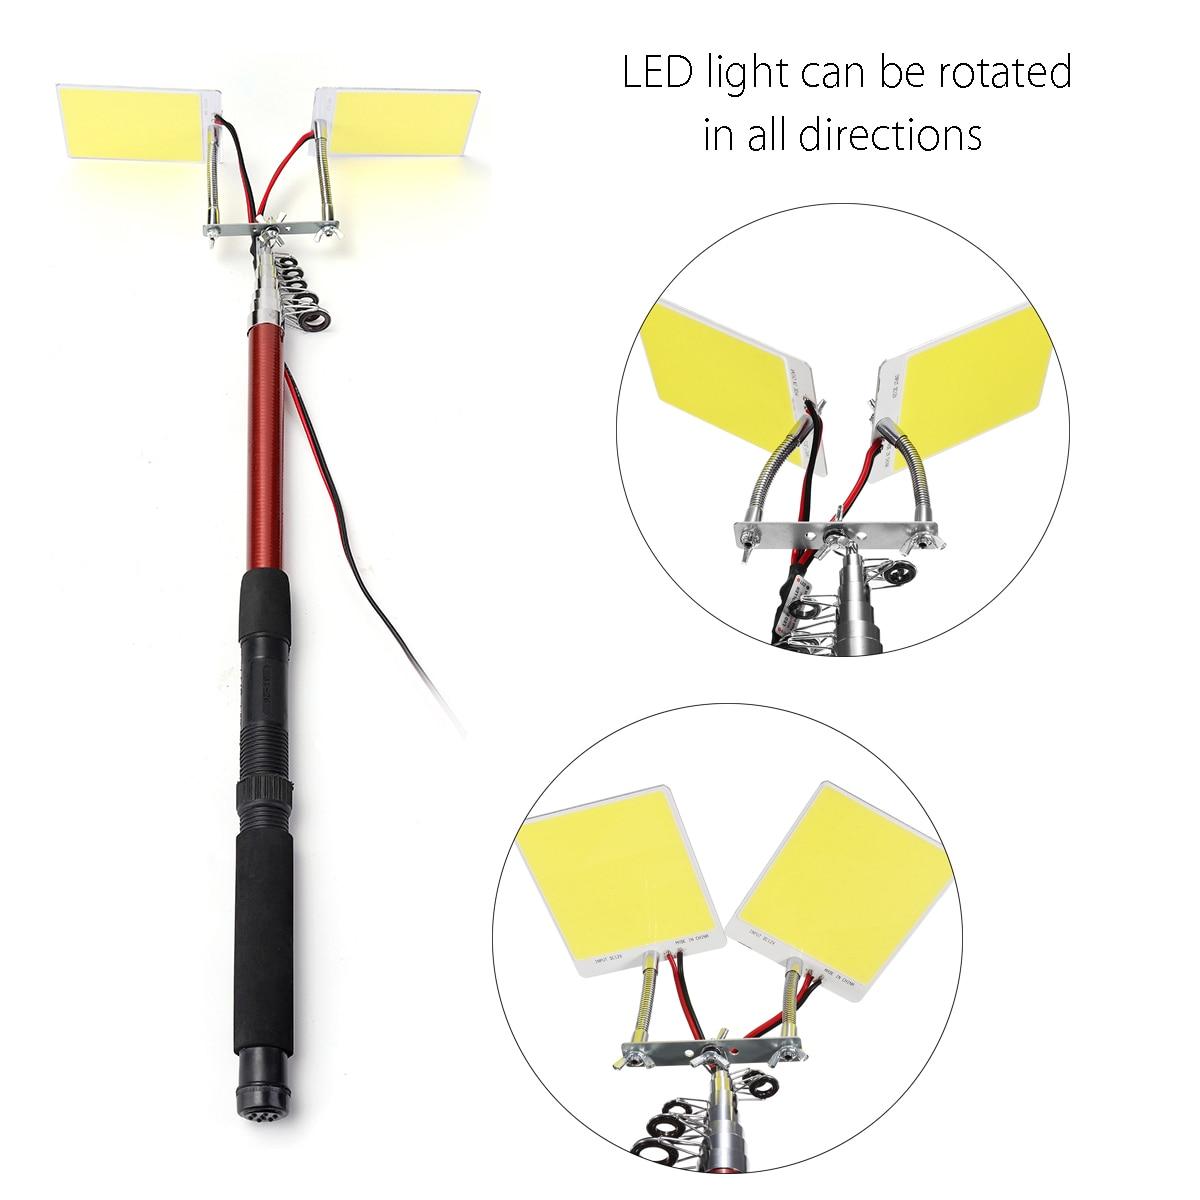 224 шт. светодиодный s COB 12 в светодиодный Телескопический удочка для рыбалки, уличный фонарь, походный светильник для путешествий или передвижной уличный светильник - Мощность в ваттах: M9x2 Adjustable